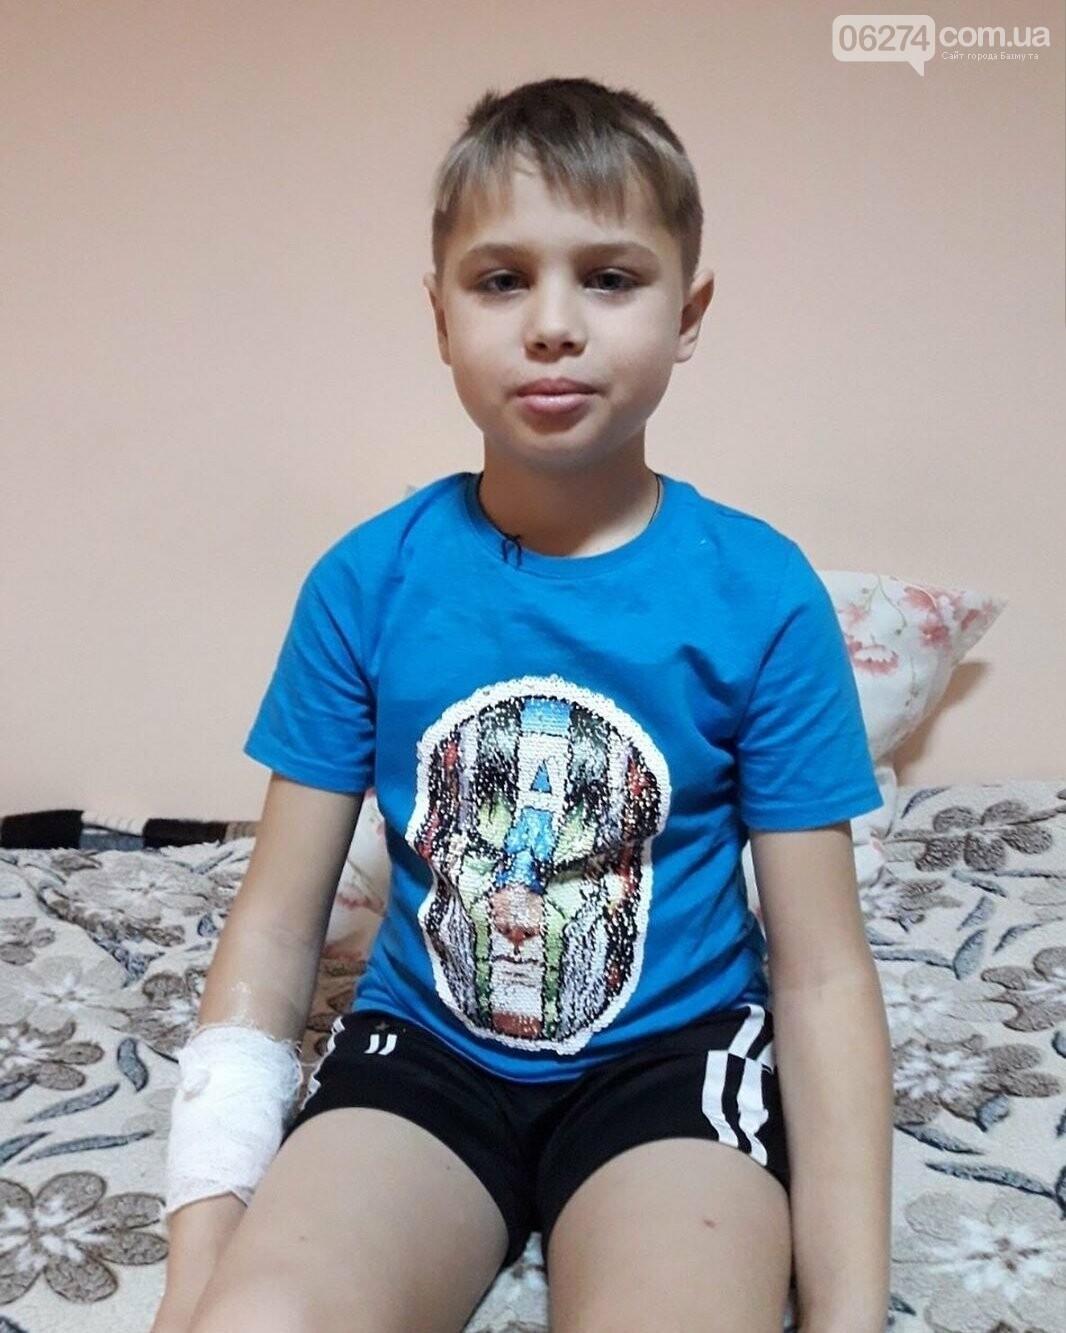 10-летнему Роману Шкарупа нужна помощь!, фото-1